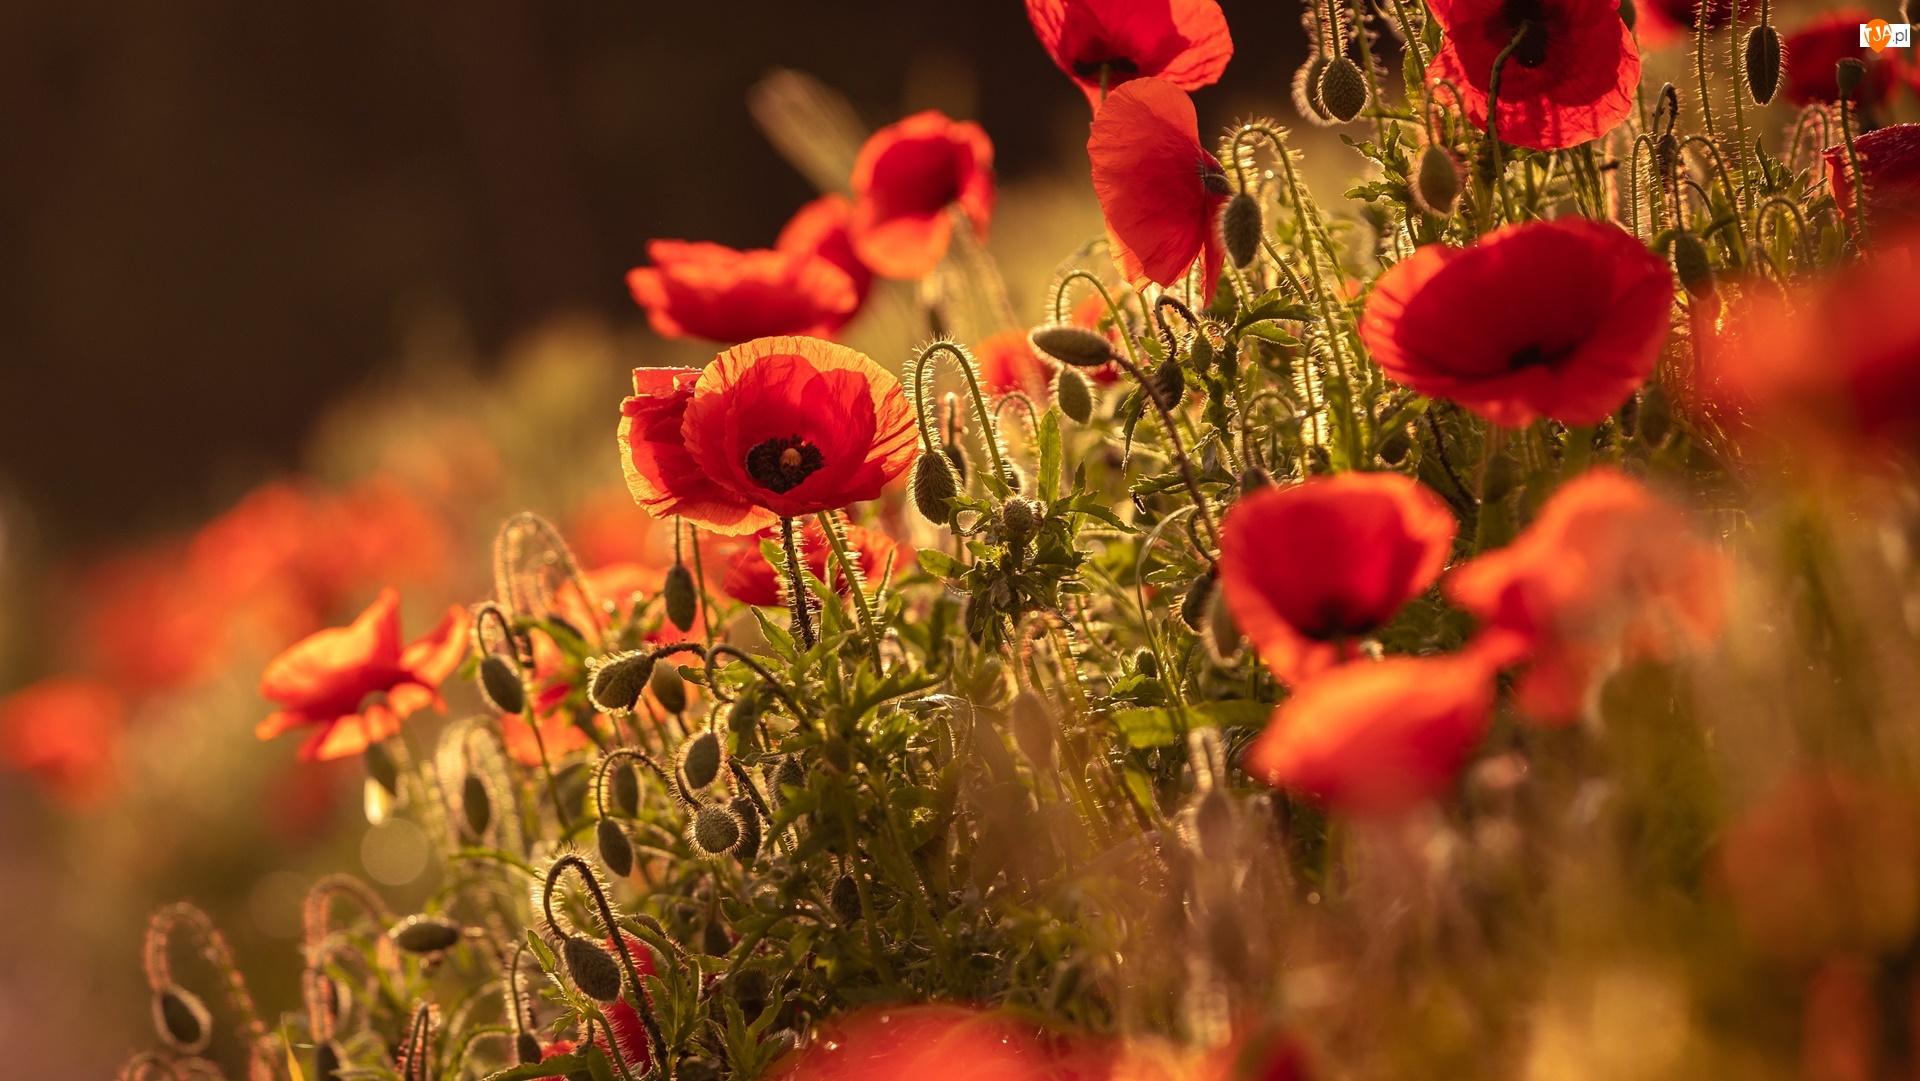 Światło, Kwiaty, Maki, Pąki